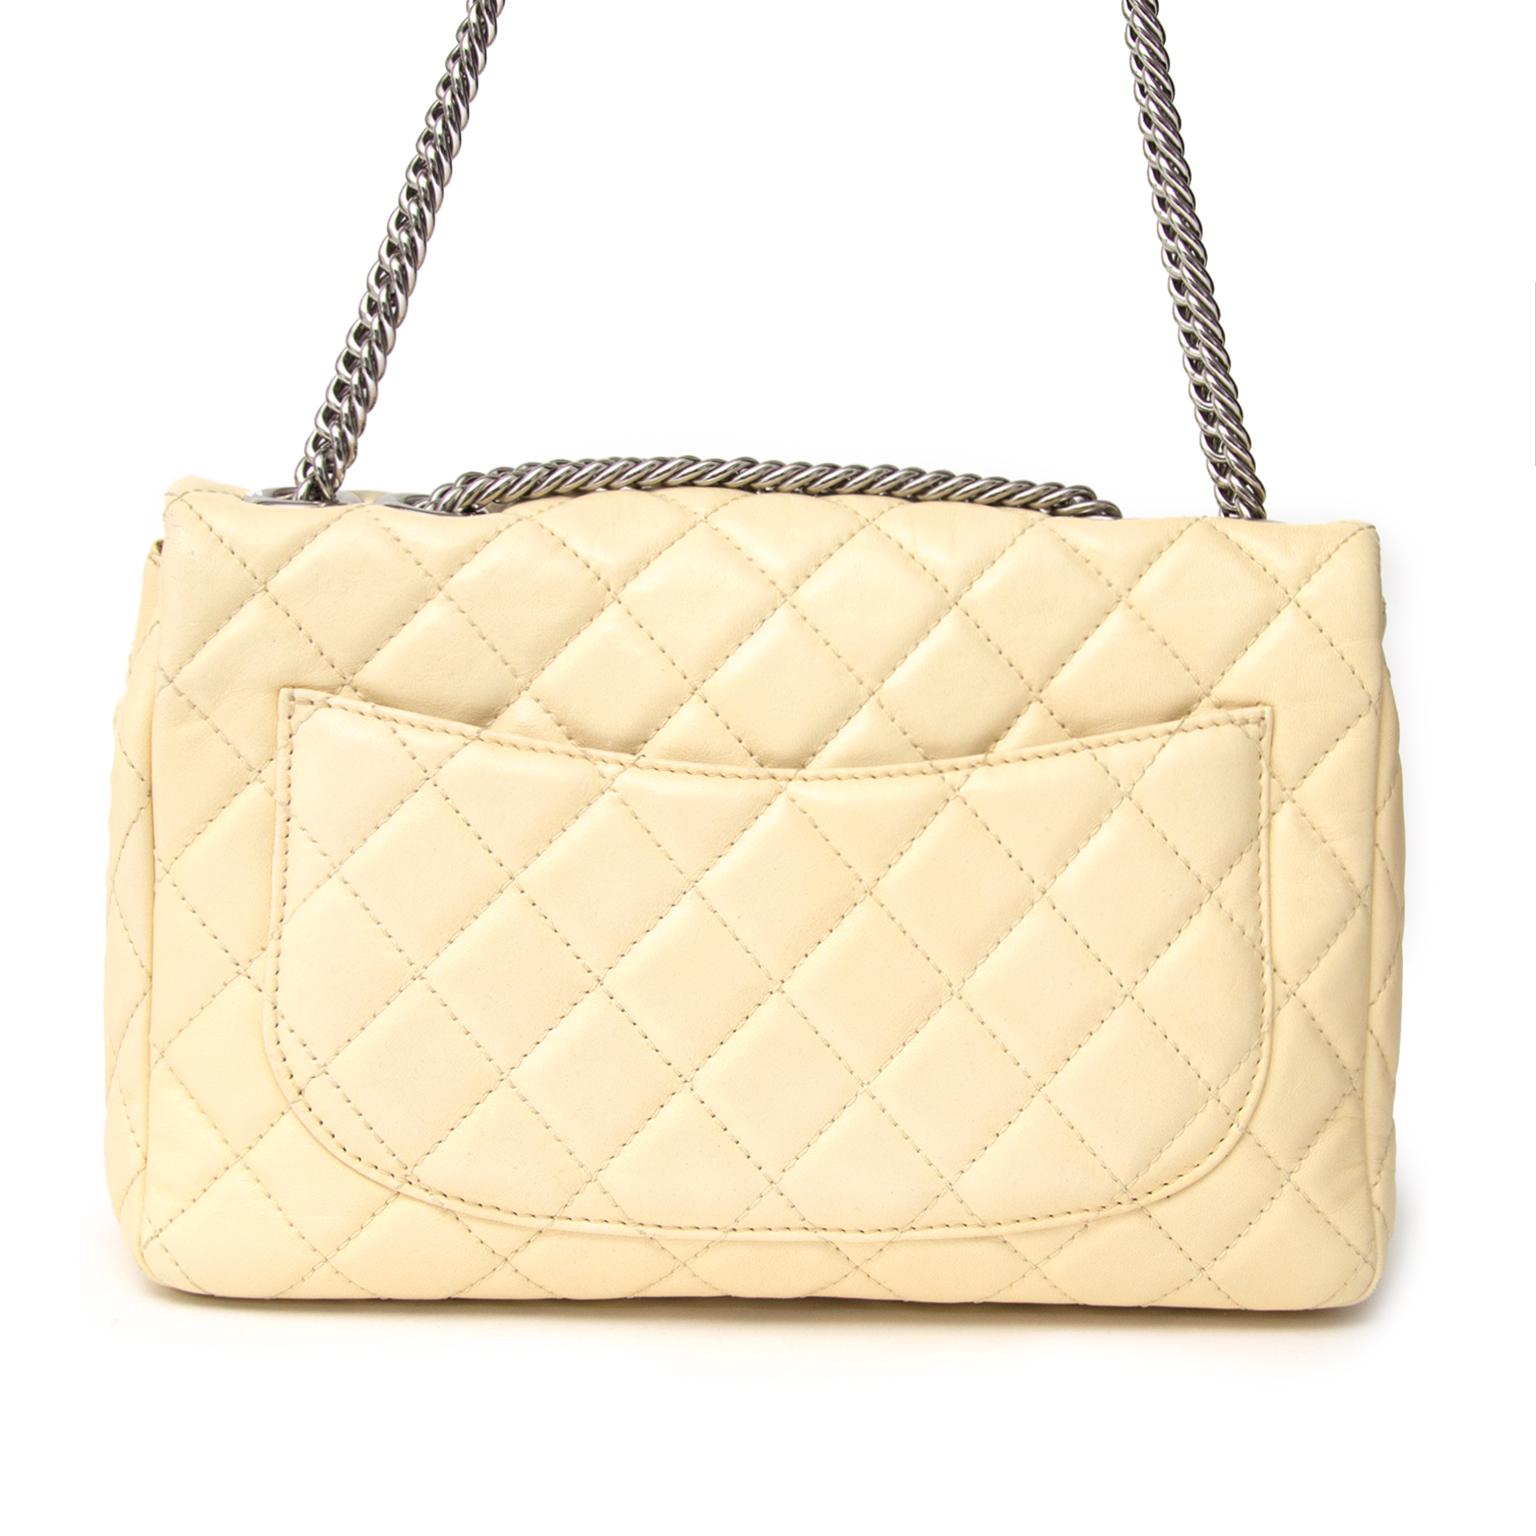 f1ebb443d8bd4 ... vintage luxury Koop online bij Labellov tweedehands handtas Chanel flap  bag in beige met silver